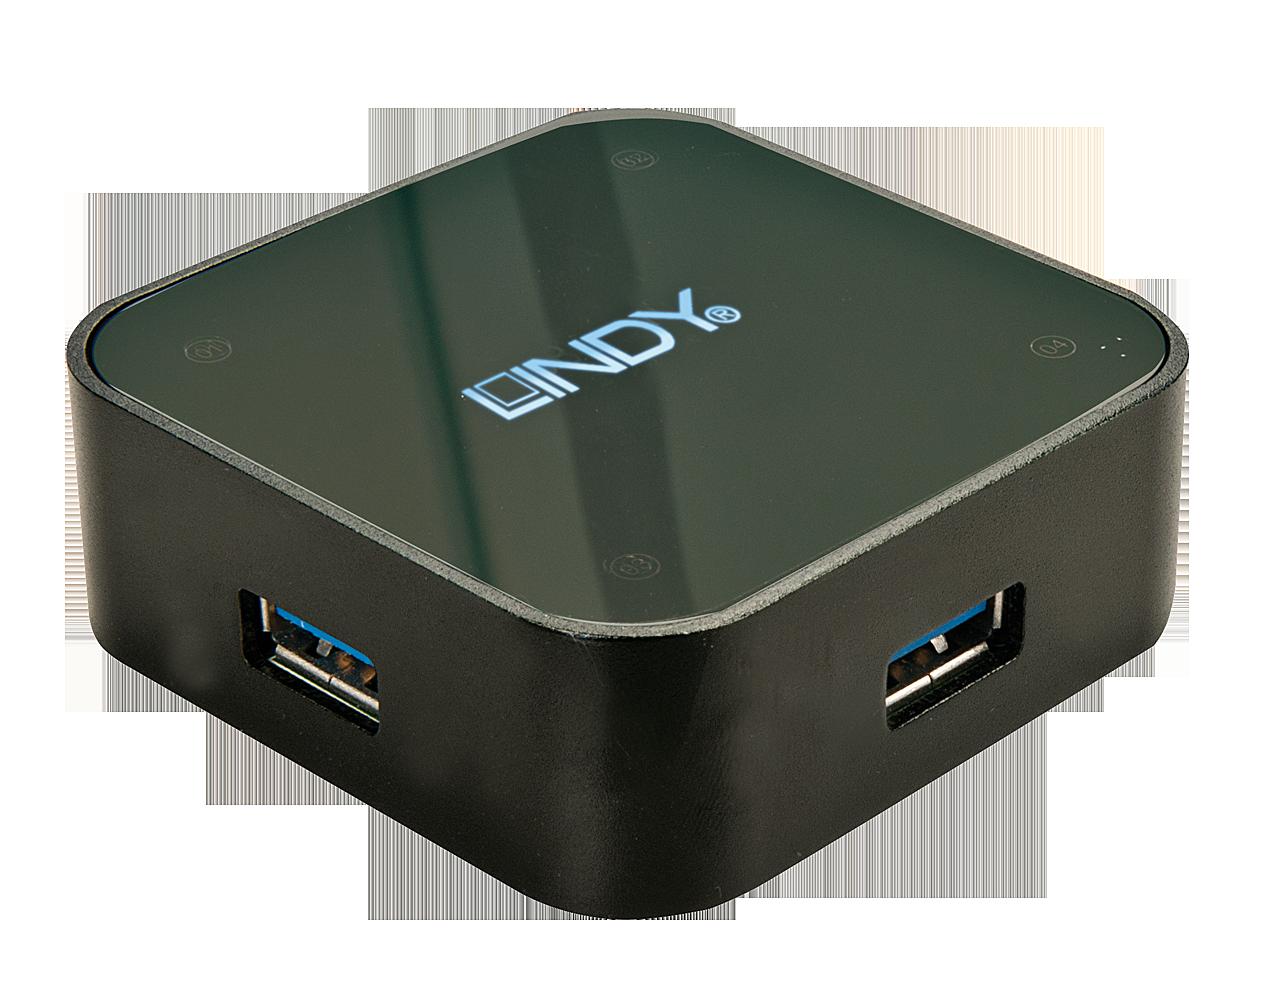 USB 3.0 Hub, 4 Port, Aluminiumgeh�use